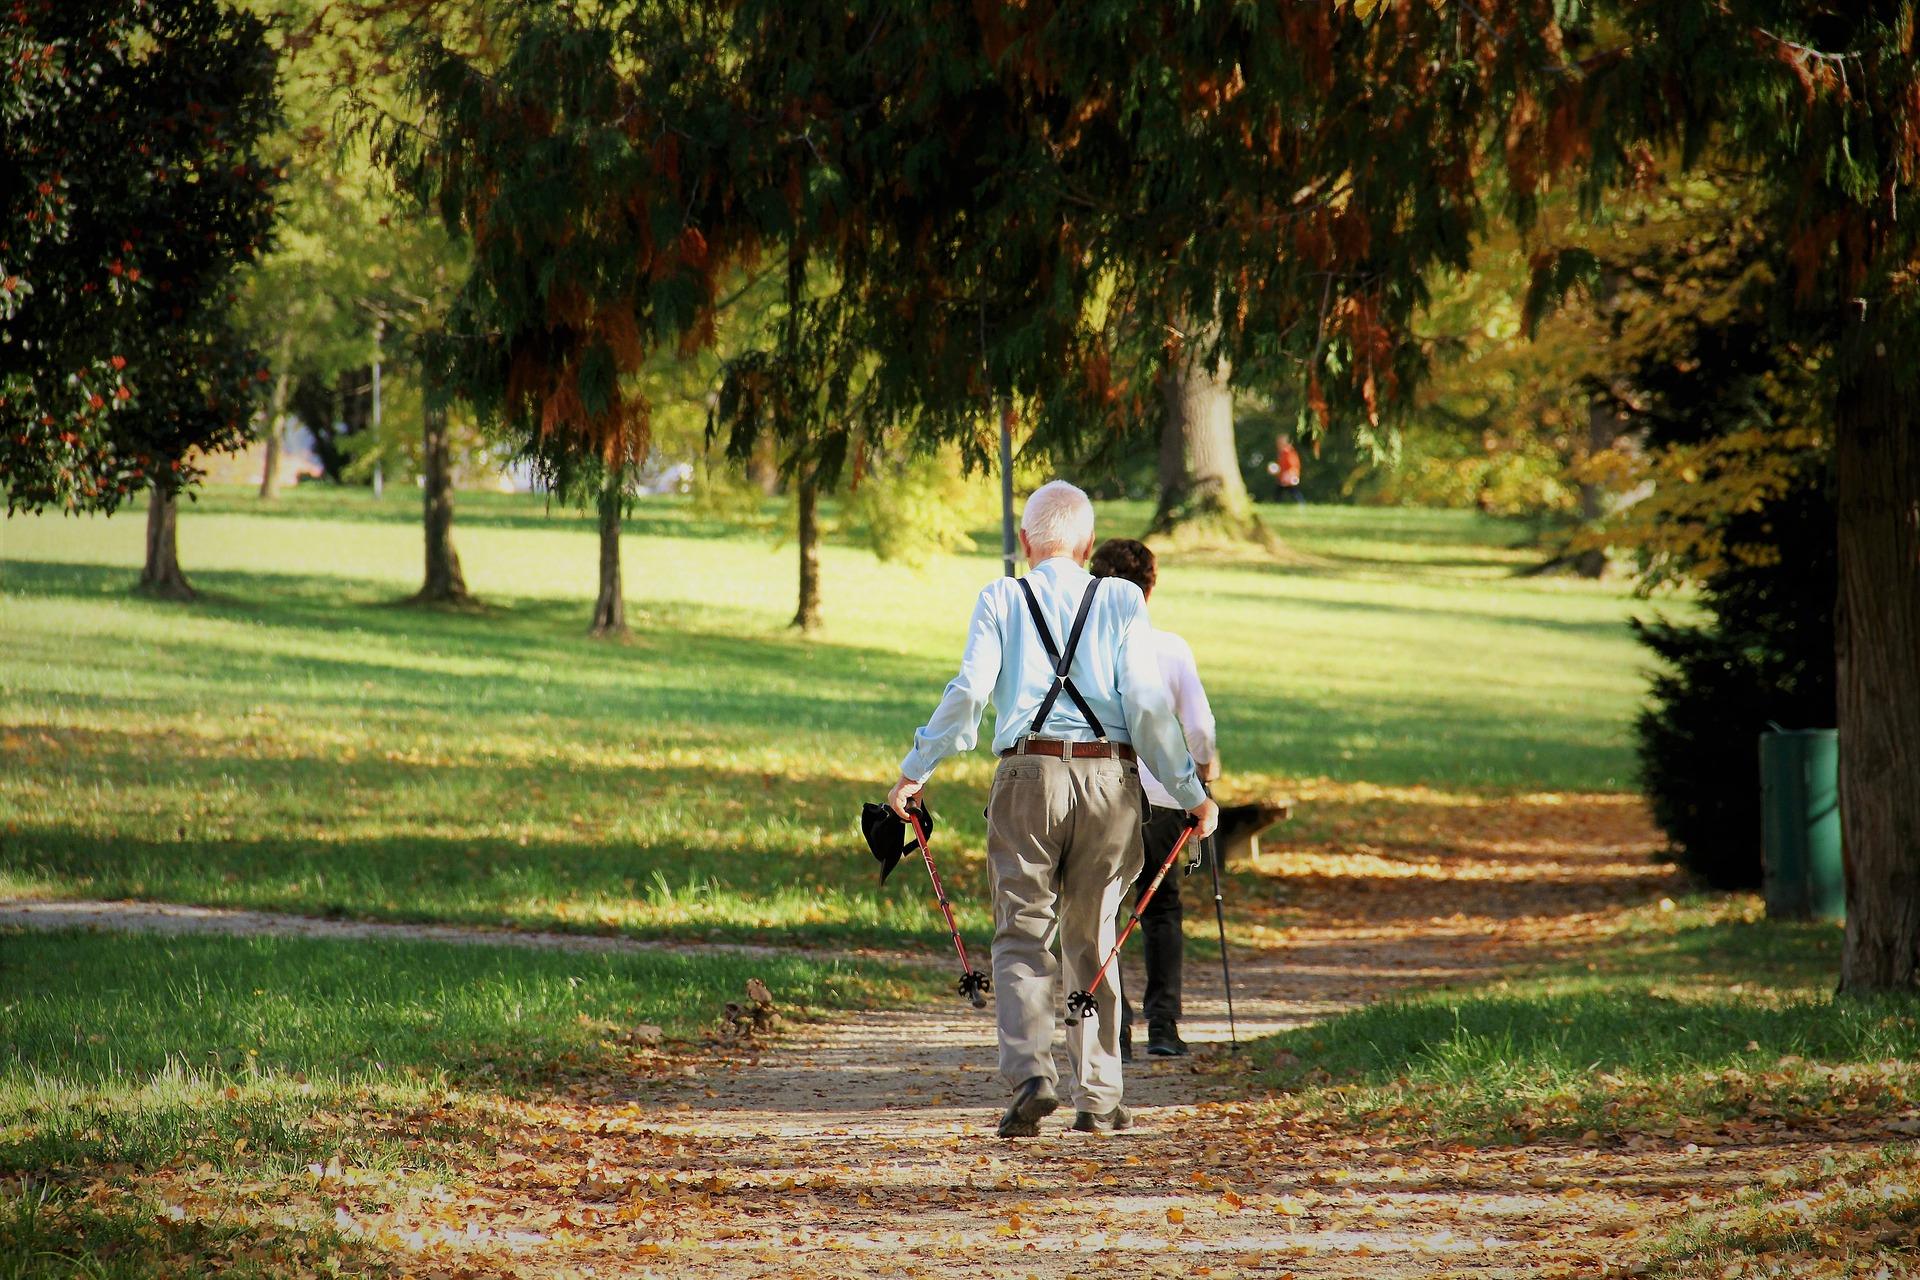 Pacientes com Parkinson têm dificuldade para ultrapassar obstáculos ao caminhar- Foto: Pixabay